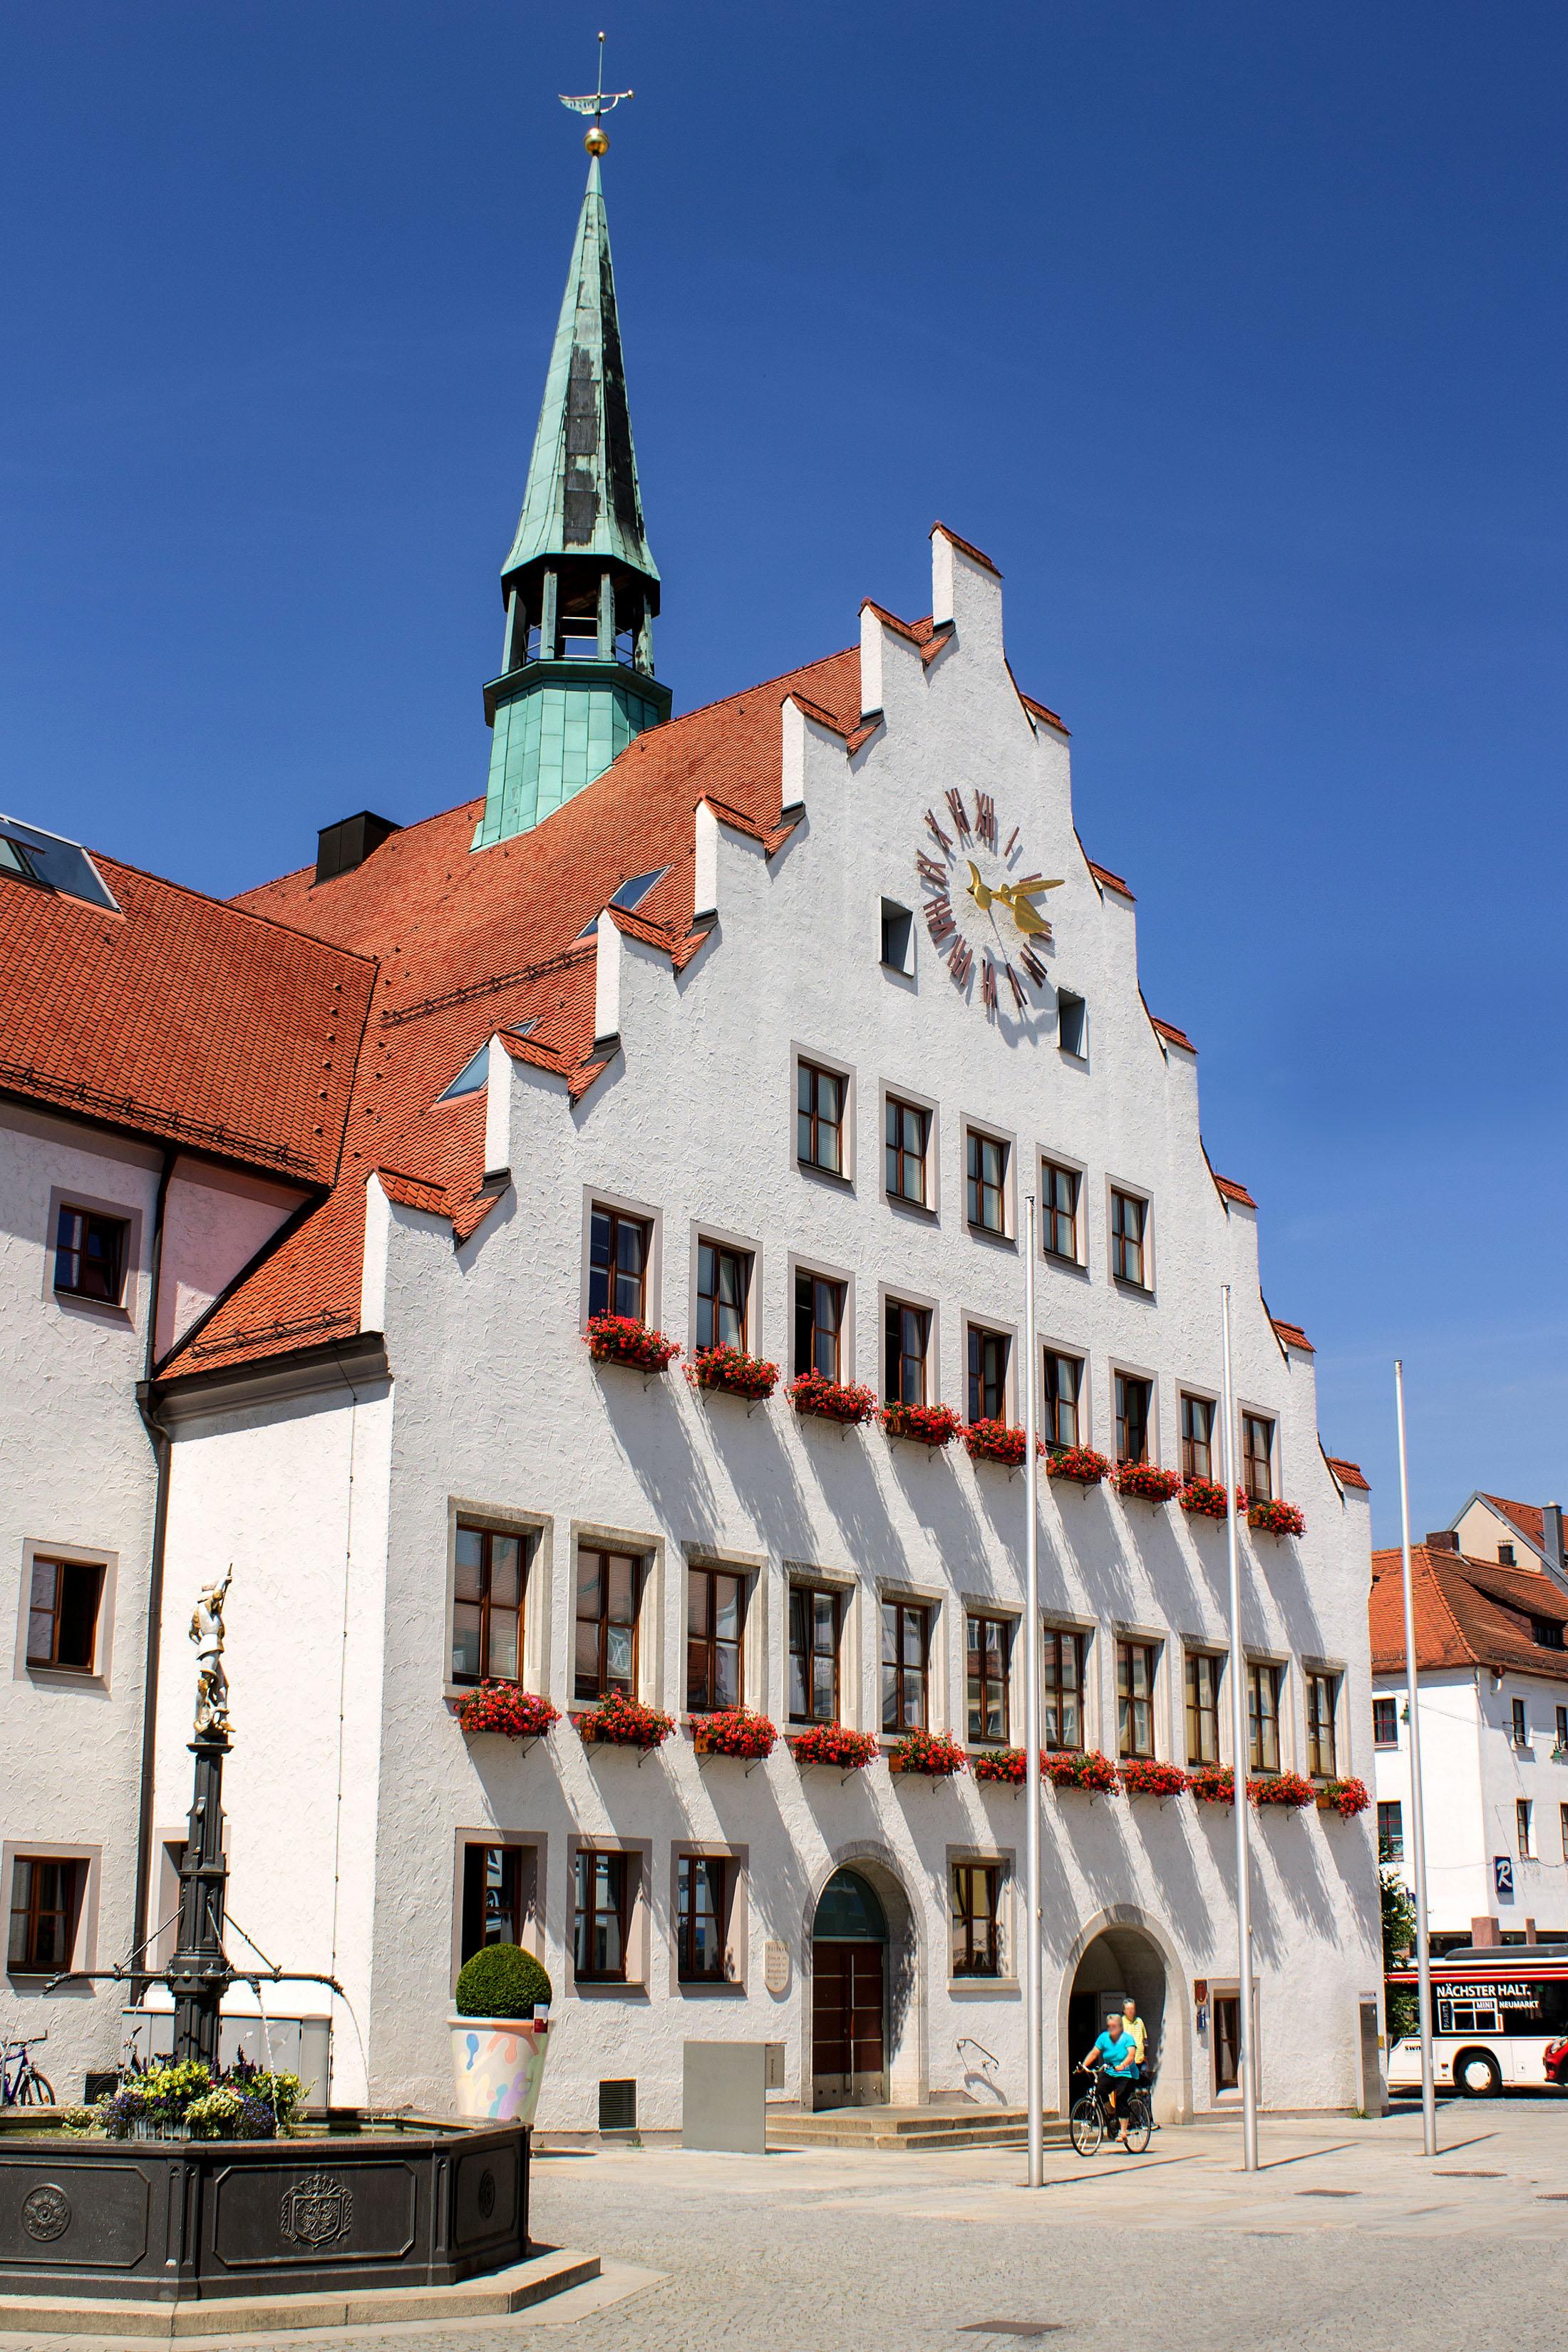 Town hall in Neumarkt - Rathaus Neumarkt